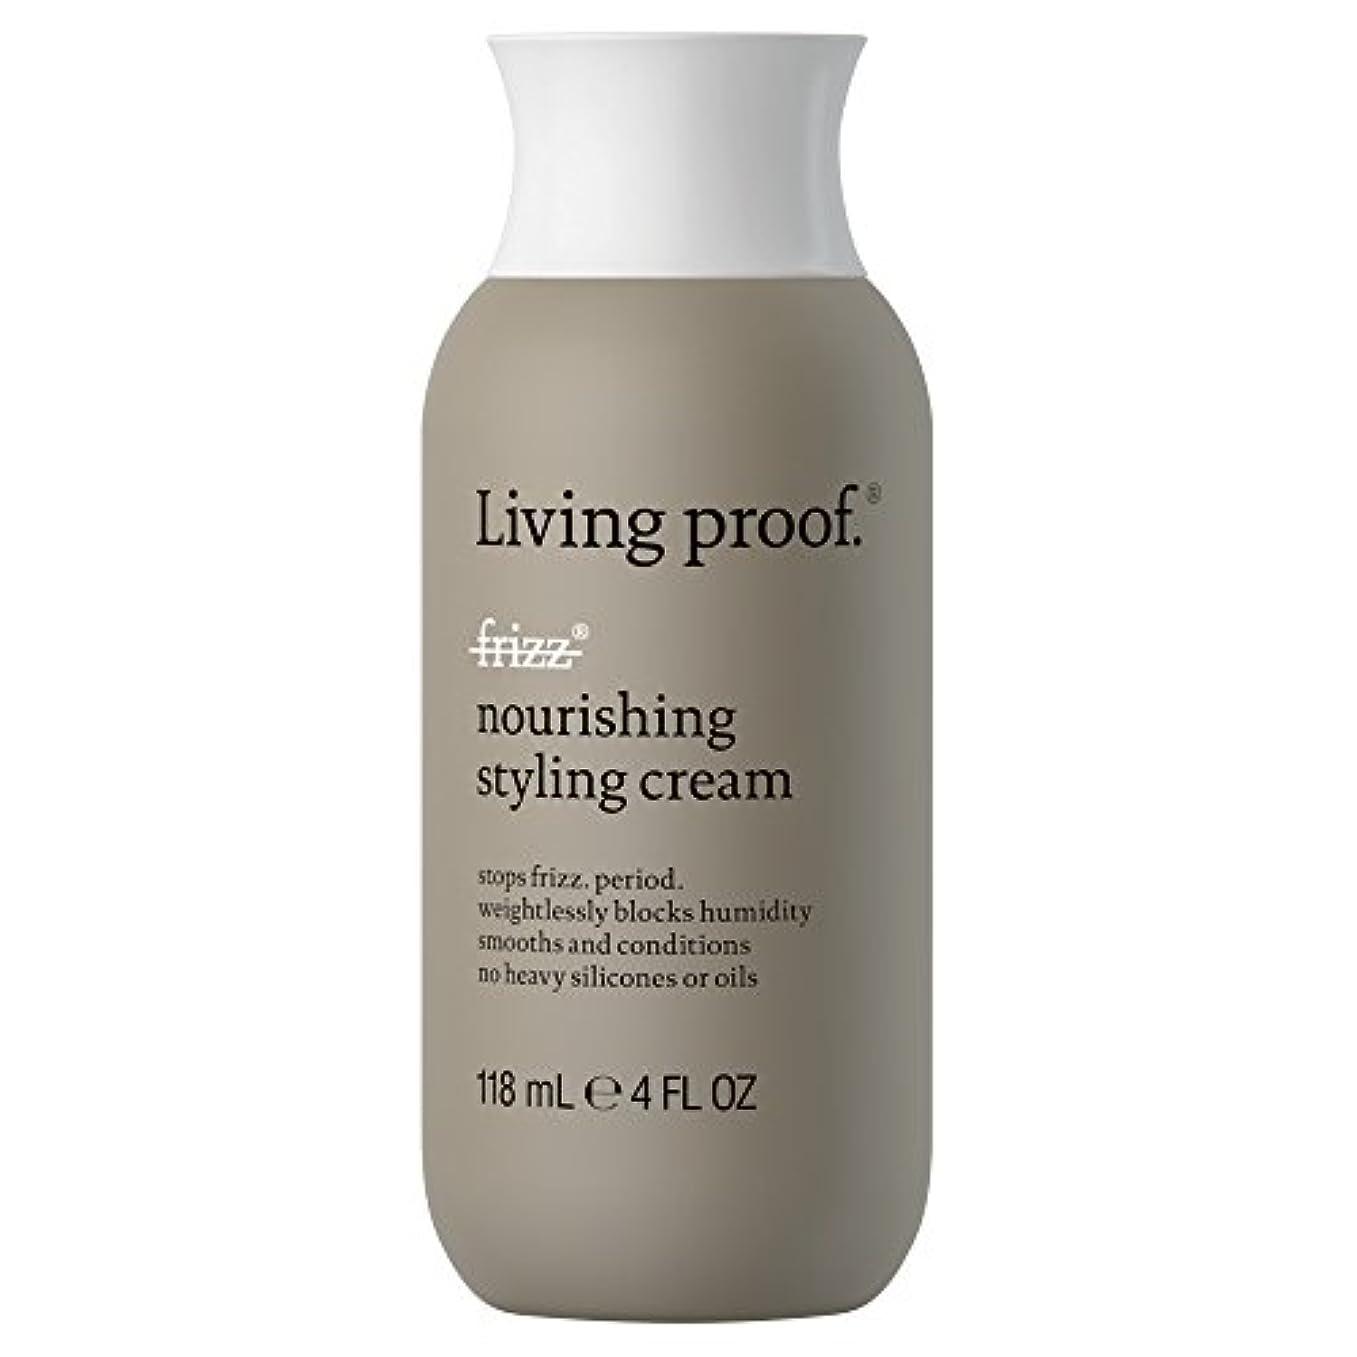 民間人アウター伝える生きている証拠なし縮れ栄養スタイリングクリーム118ミリリットル (Living Proof) (x2) - Living Proof No Frizz Nourishing Styling Cream 118ml (Pack of 2) [並行輸入品]